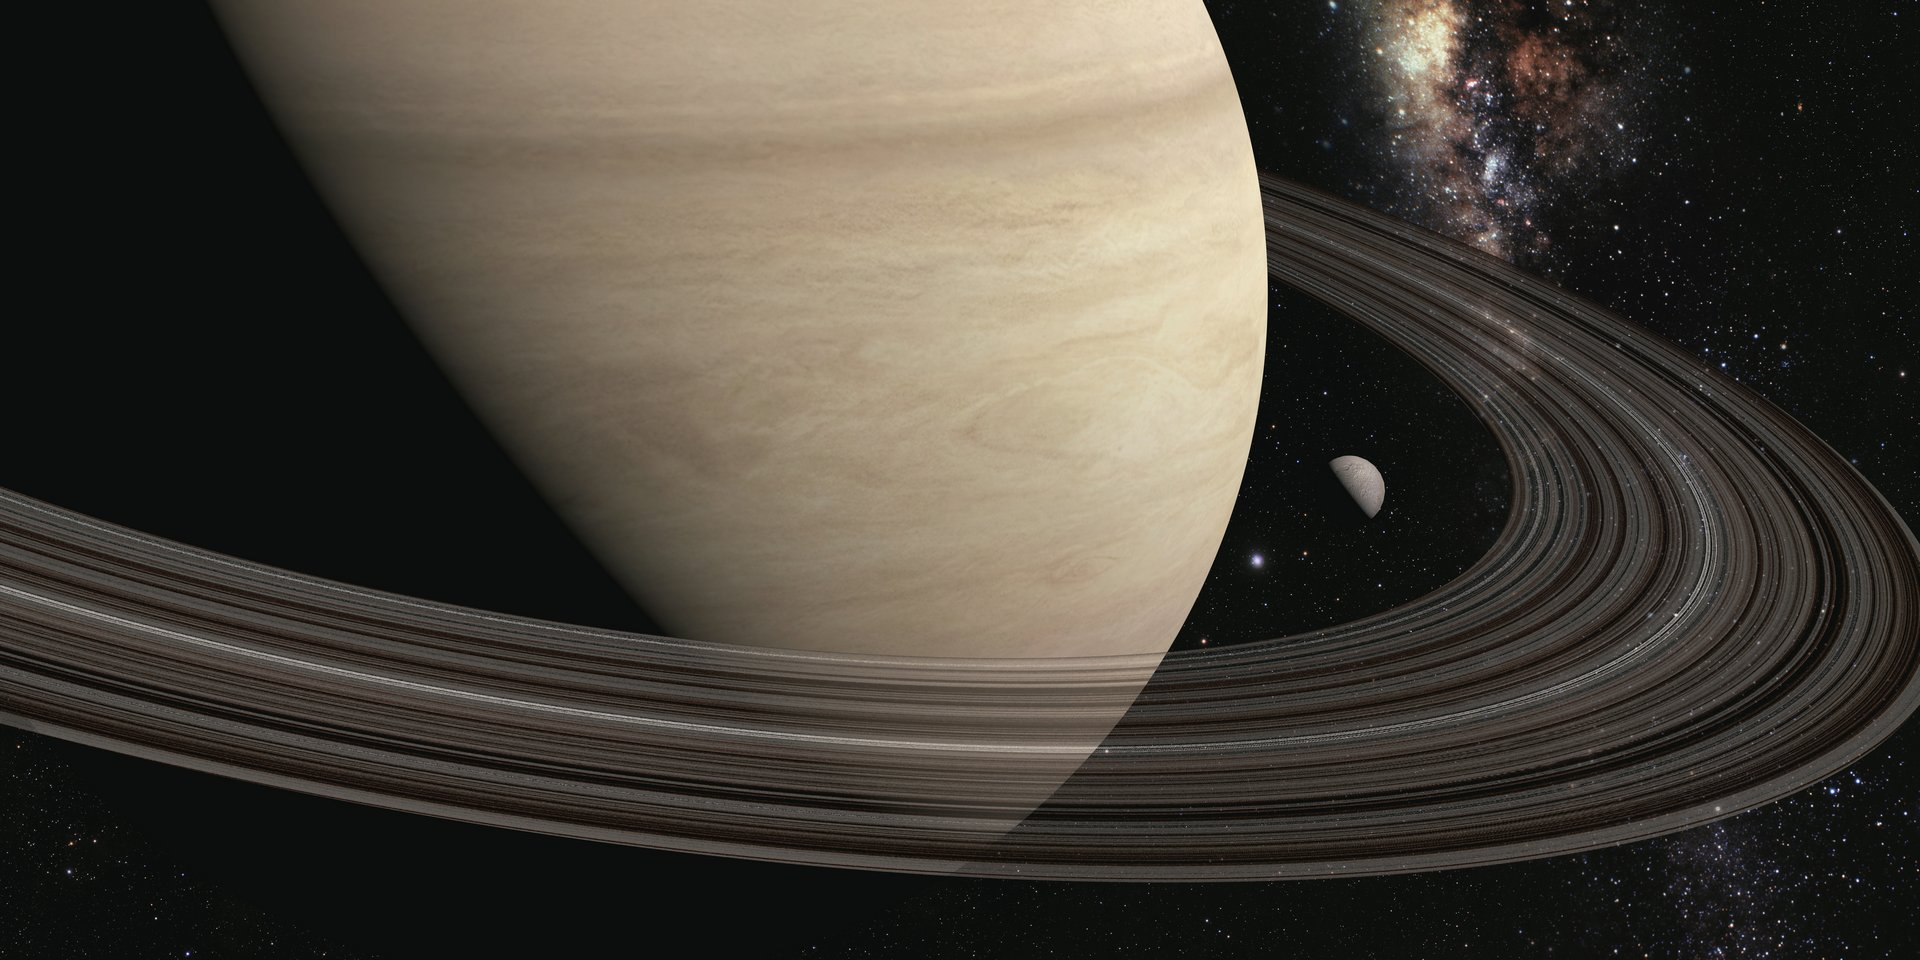 من ماذا تتكو ن حلقات زحل الفلك المرام للعلوم